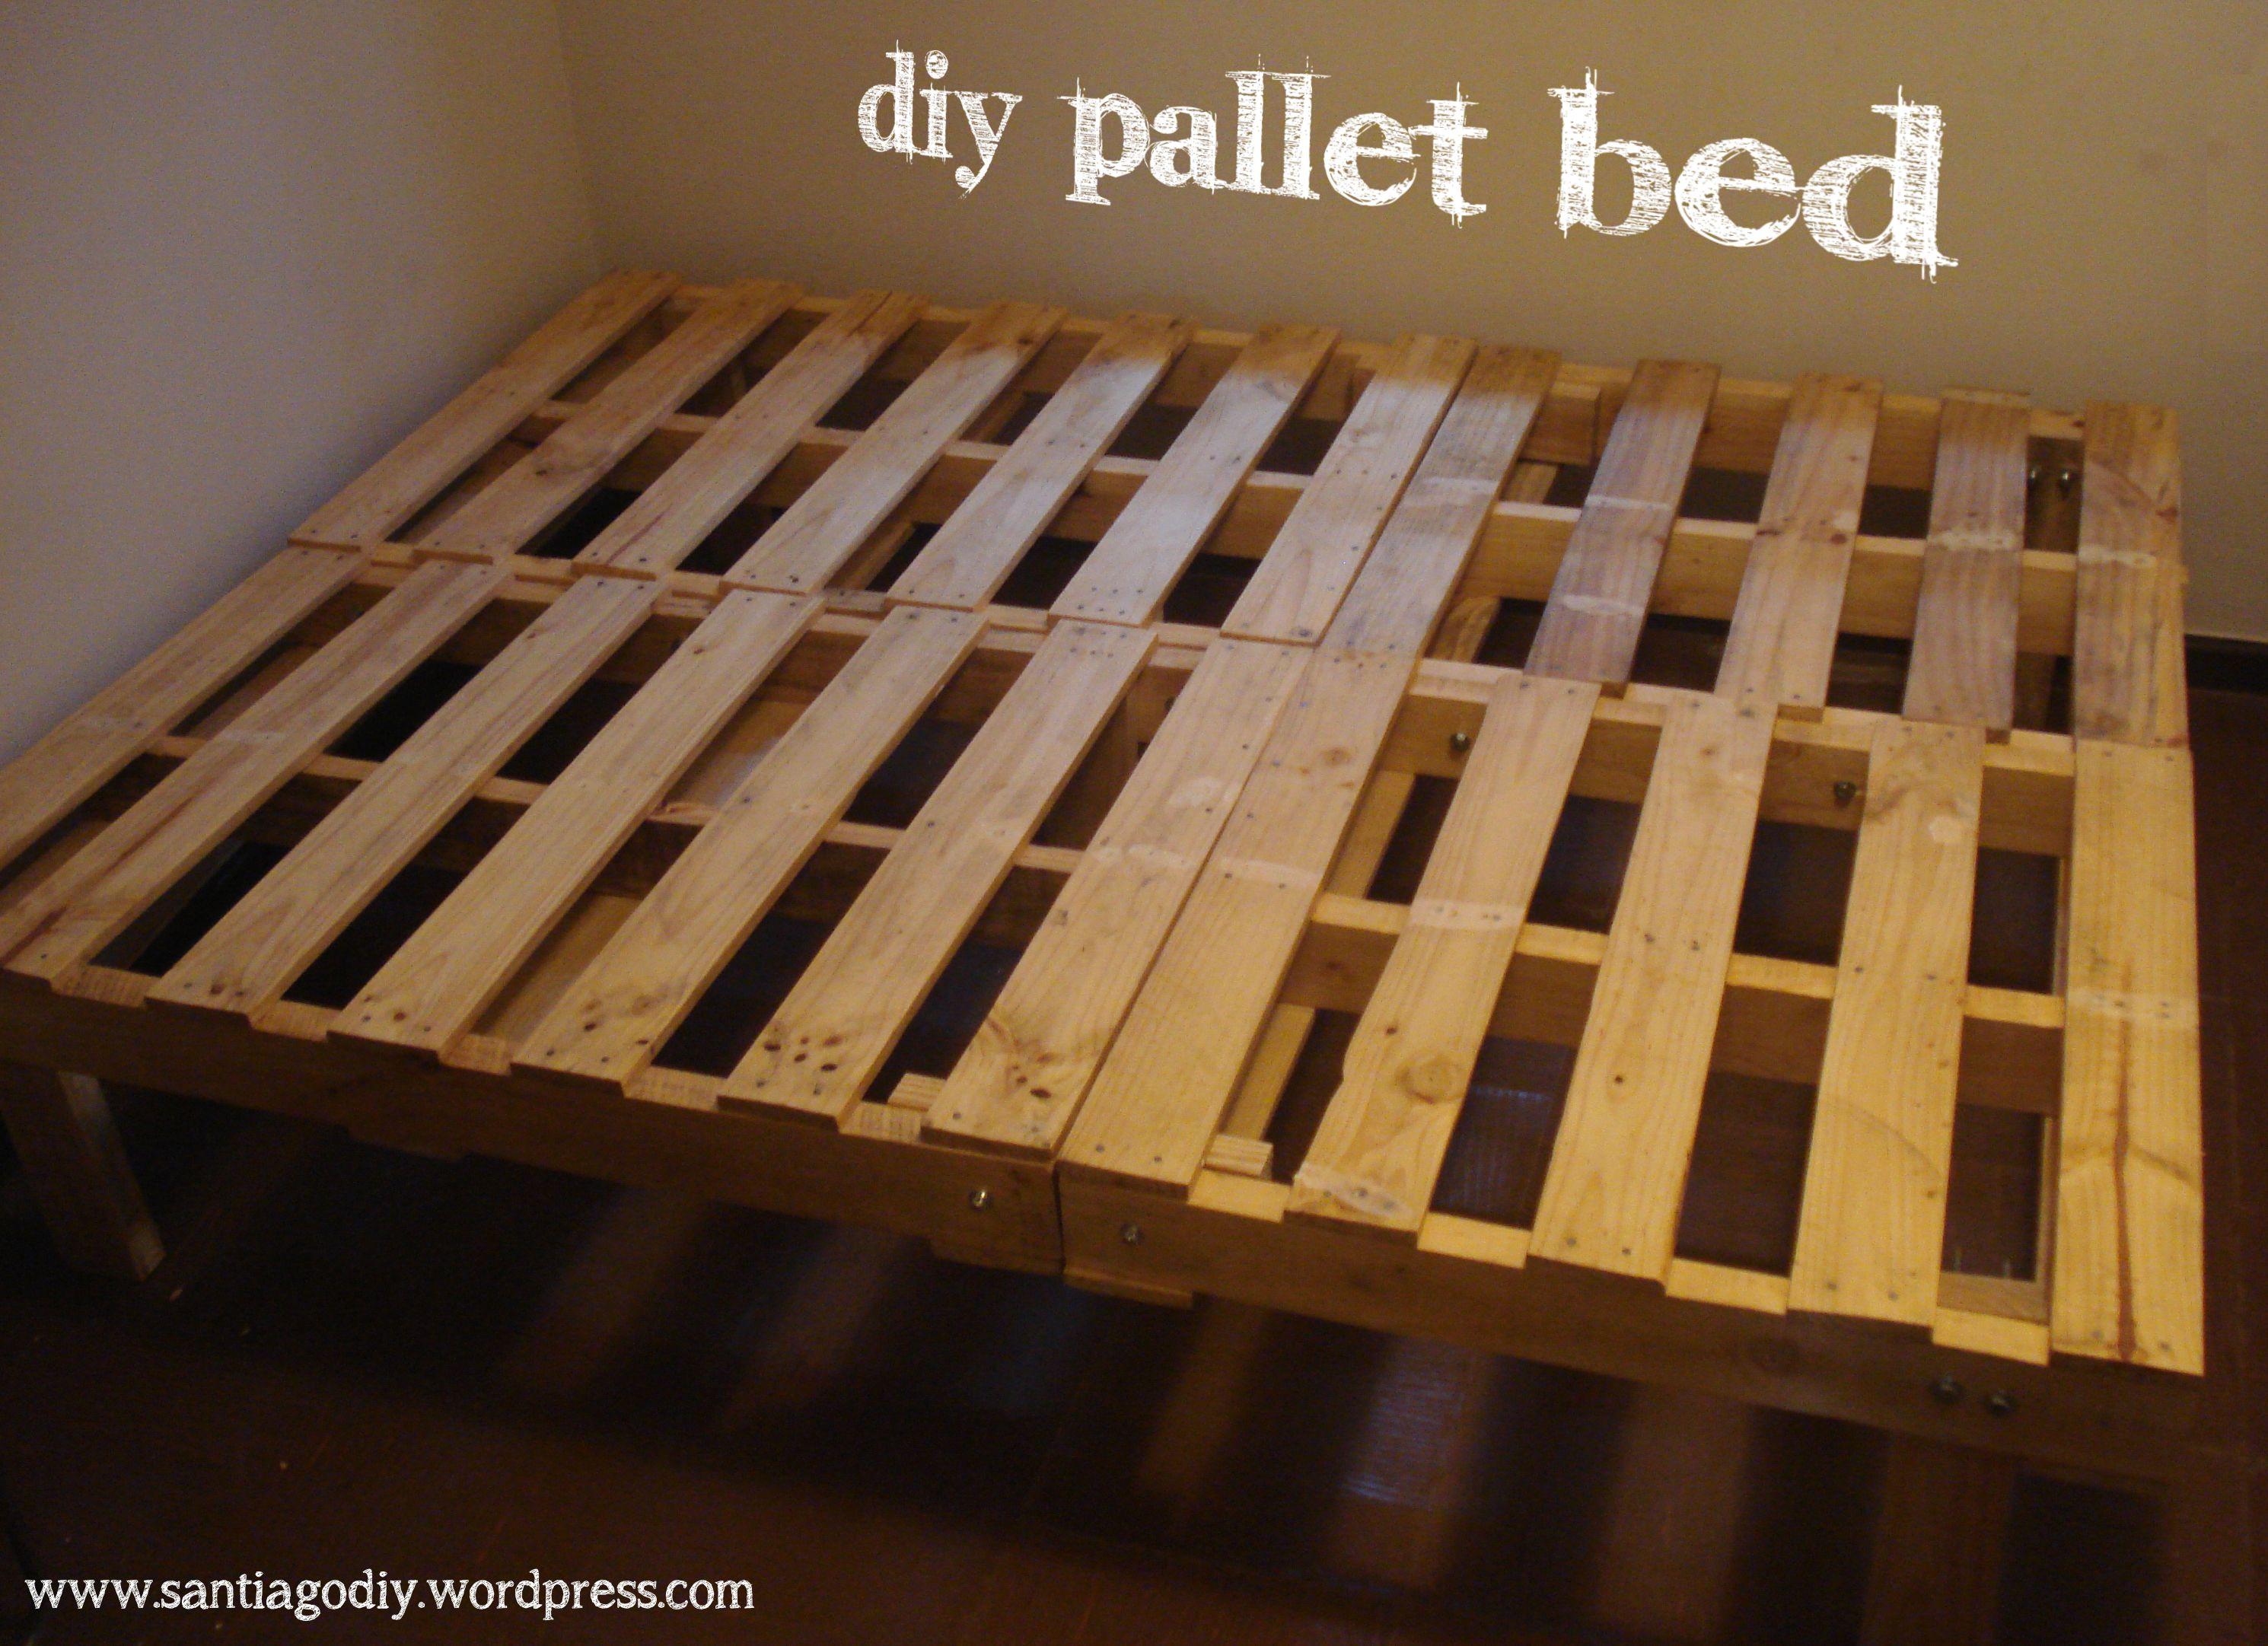 Our Diy Pallet Bed Diy Pallet Bed Pallet Diy Diy Bed Frame